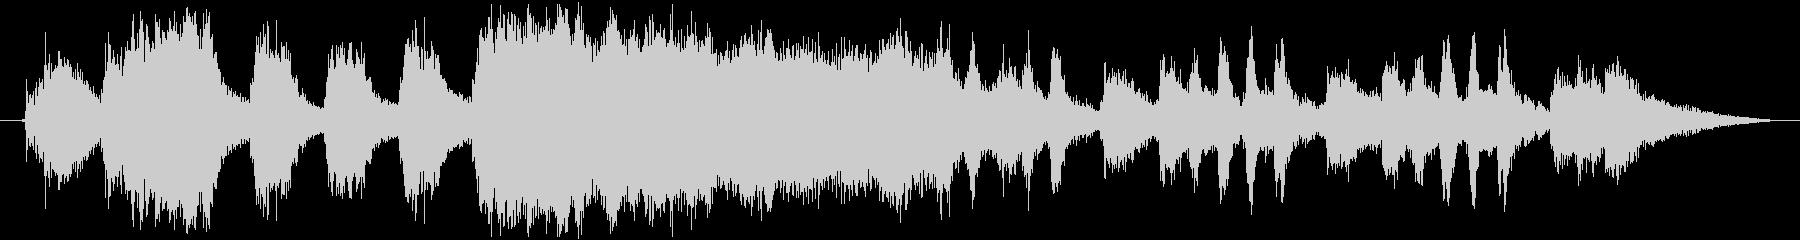 琴を使用した和風オープニング曲の未再生の波形